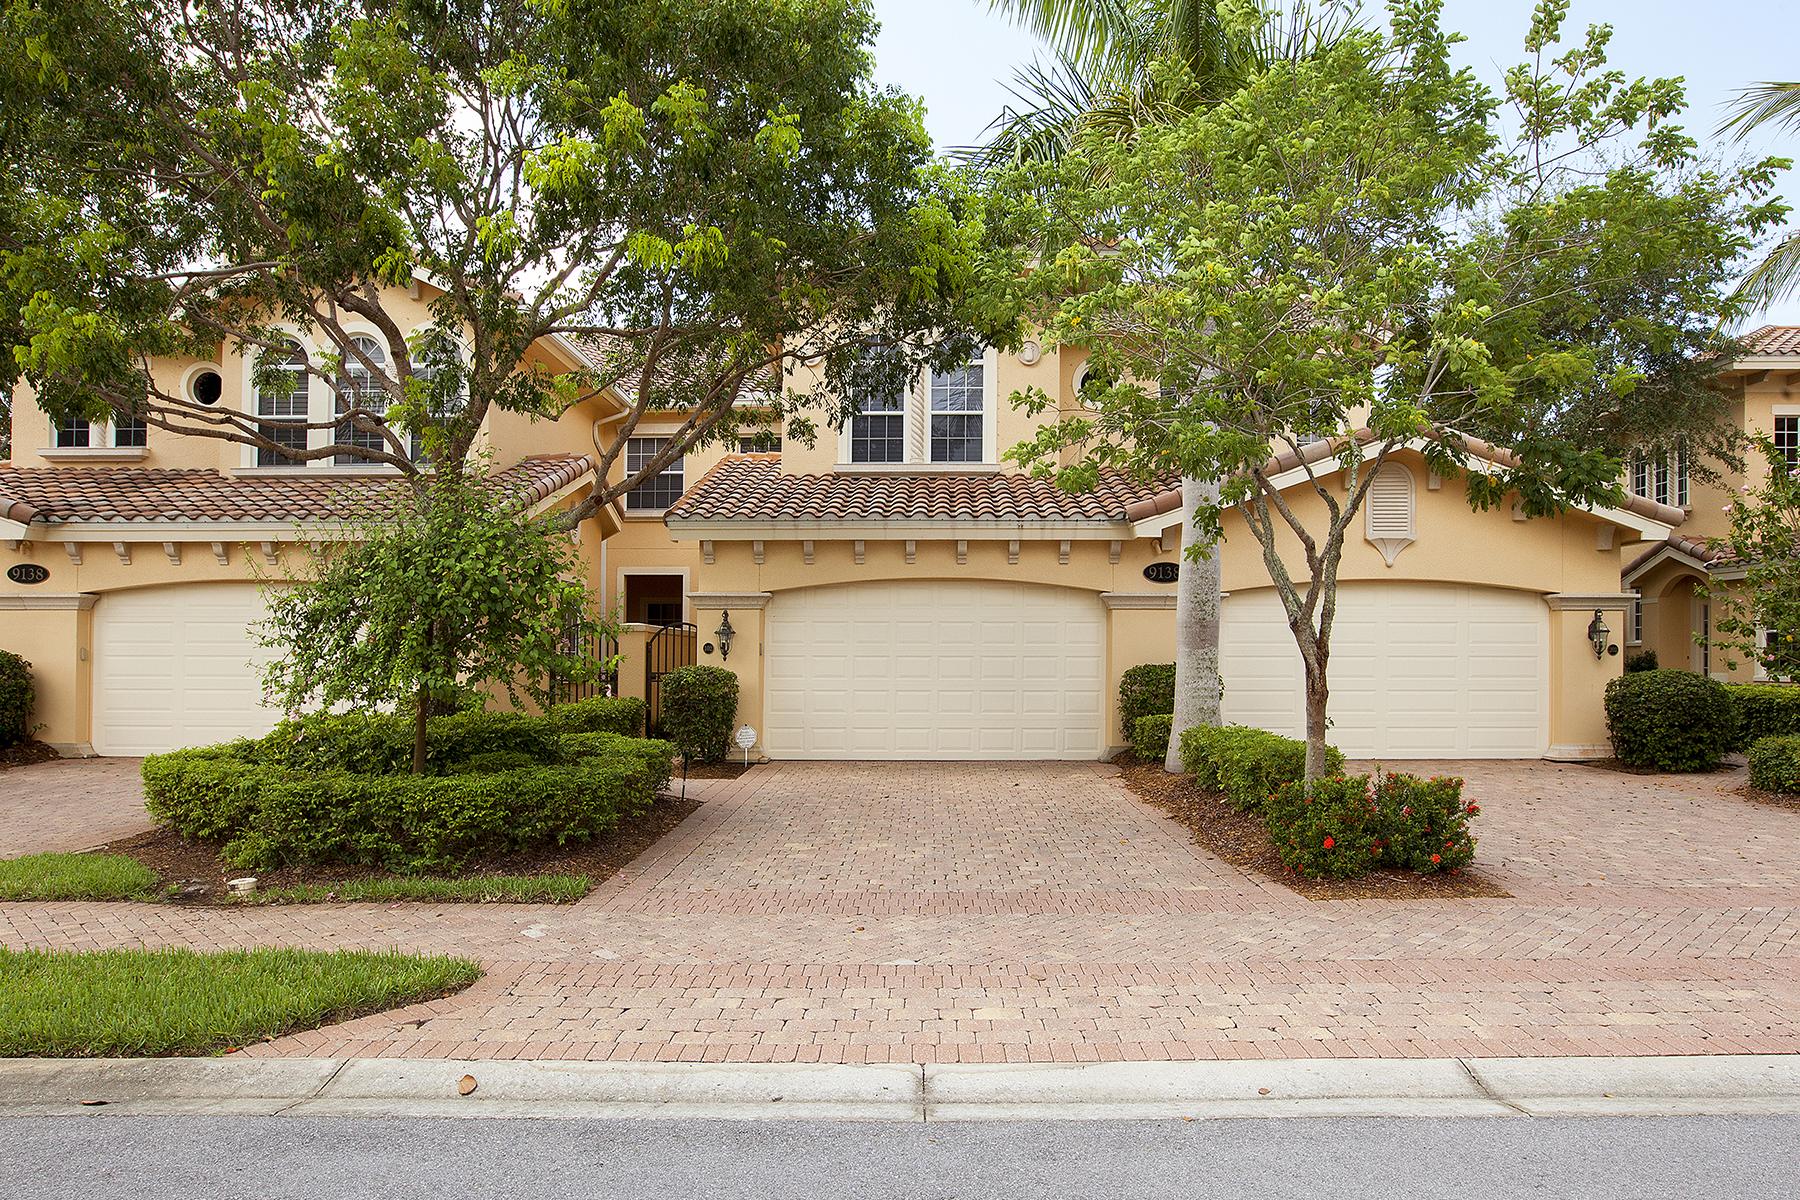 Condomínio para Venda às FIDDLER'S CREEK - CHERRY OAKS 9138 Cherry Oaks Ln 102 Naples, Florida 34114 Estados Unidos